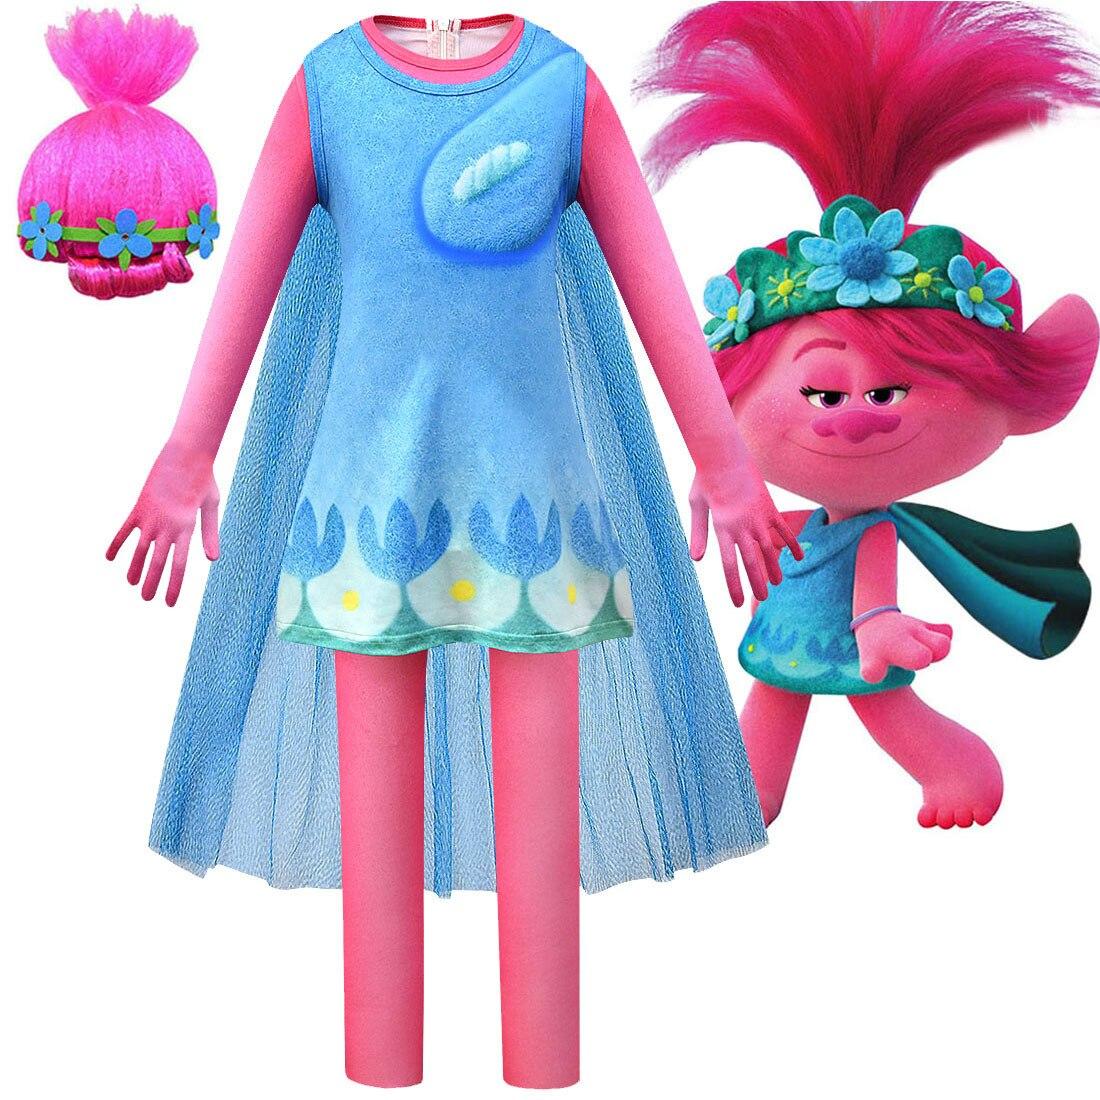 Disfraces de Trolls para niños, Disfraces de Halloween, disfraces de fantasía para niñas, Mono para niñas, disfraz de Elf World COS, mono + vestido + capa + juego de pelucas